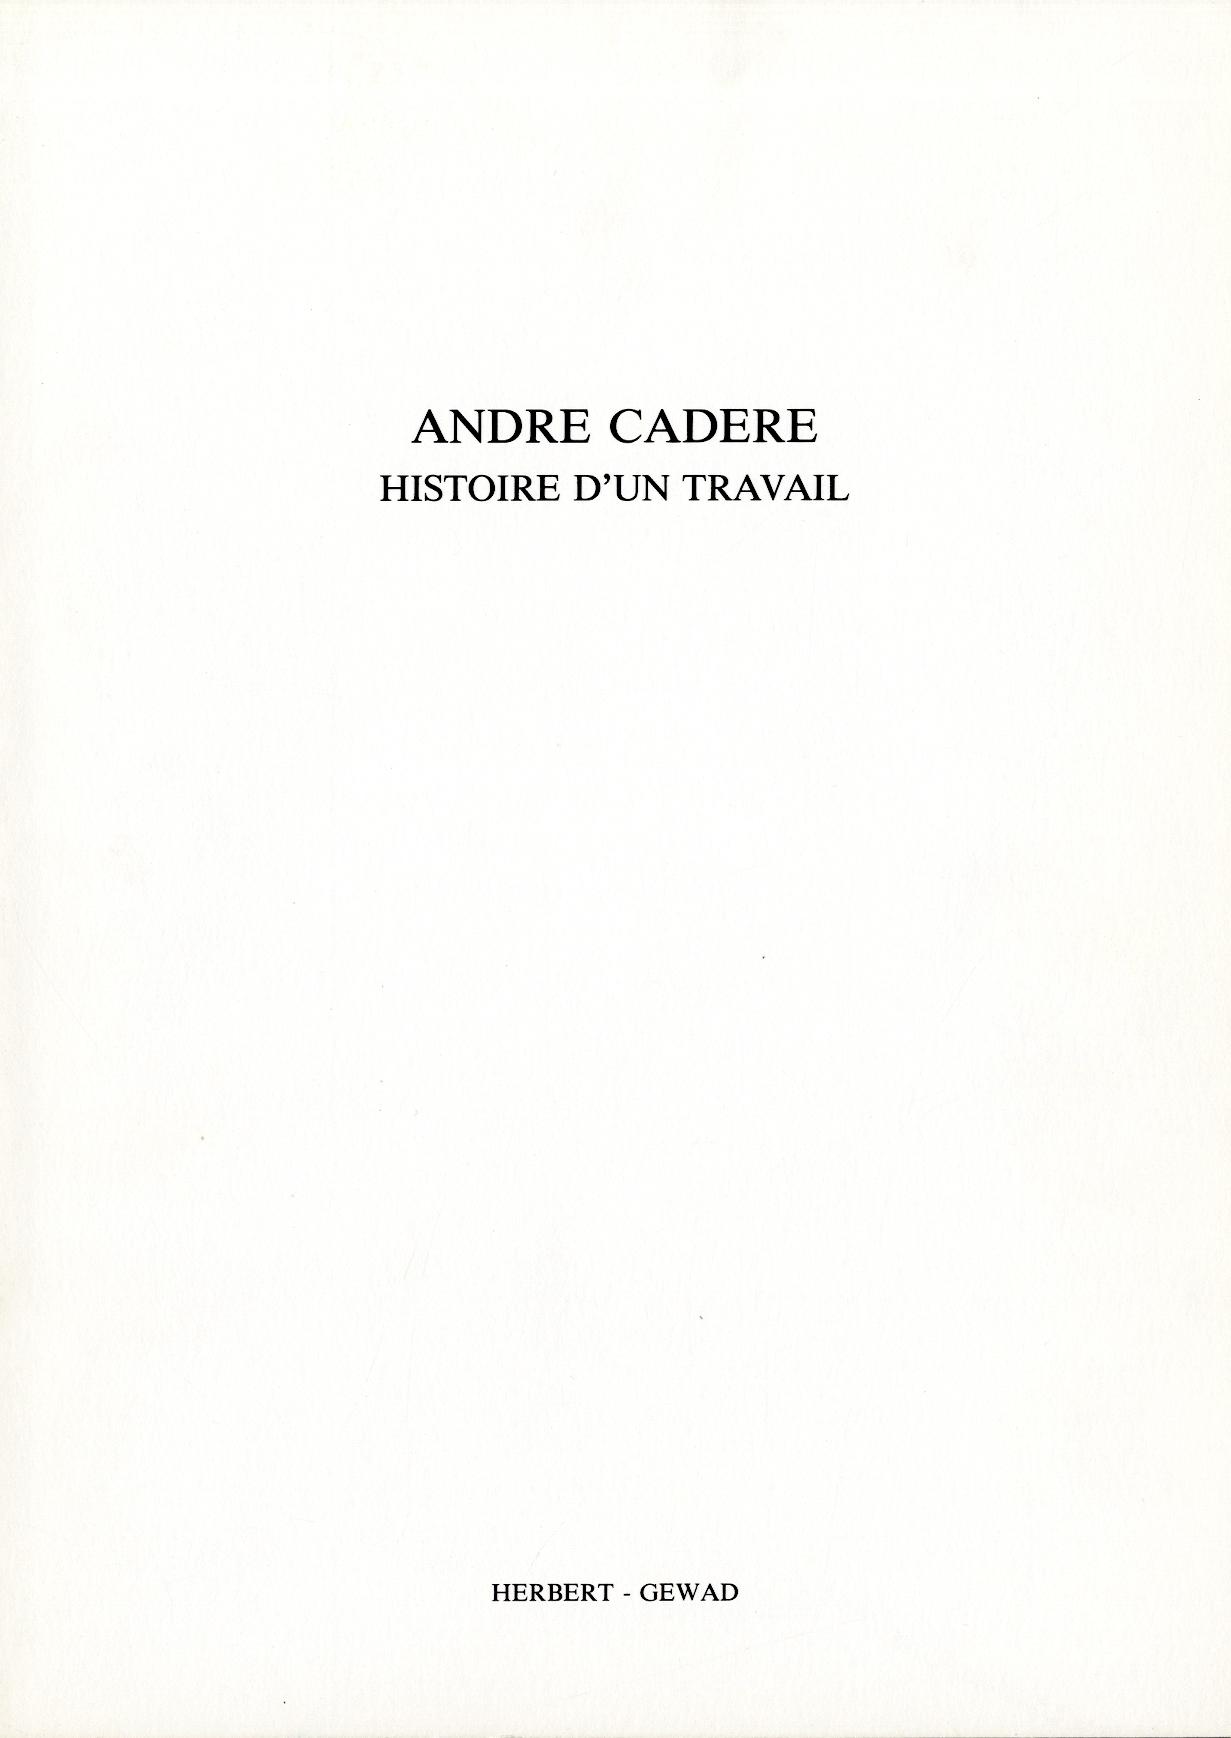 André Cadere : Histoire D'un travail